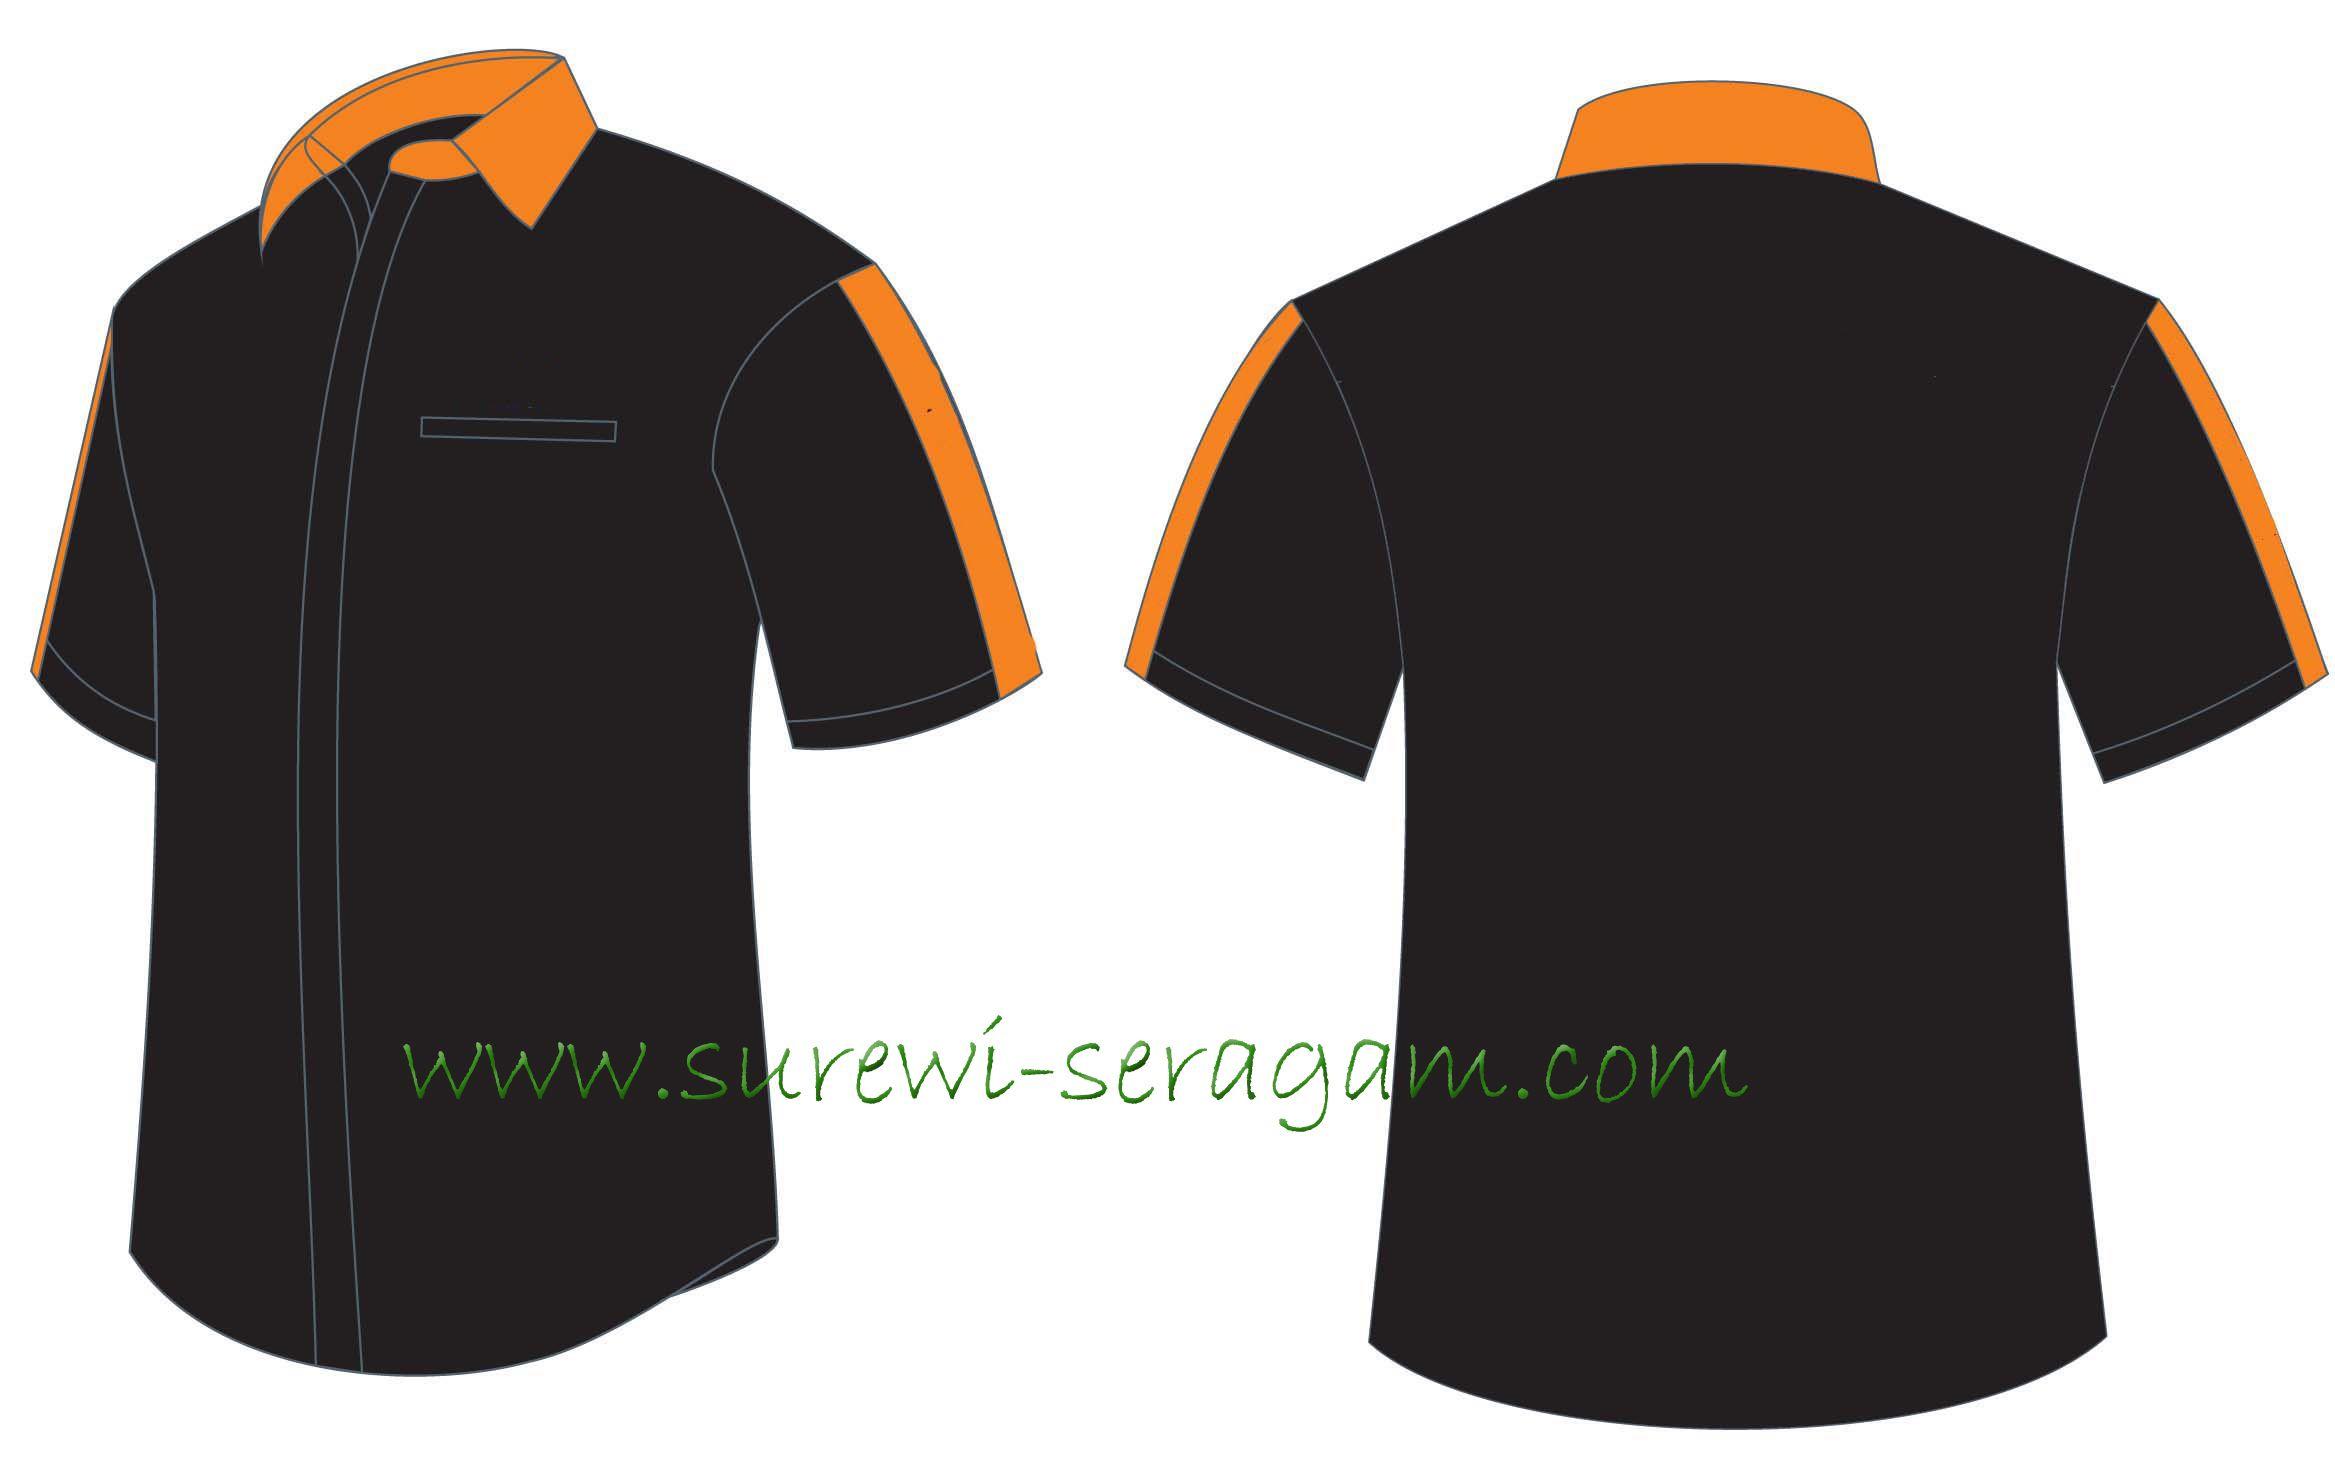 420 Koleksi Foto Desain Baju Rt HD Terbaik Yang Bisa Anda Tiru